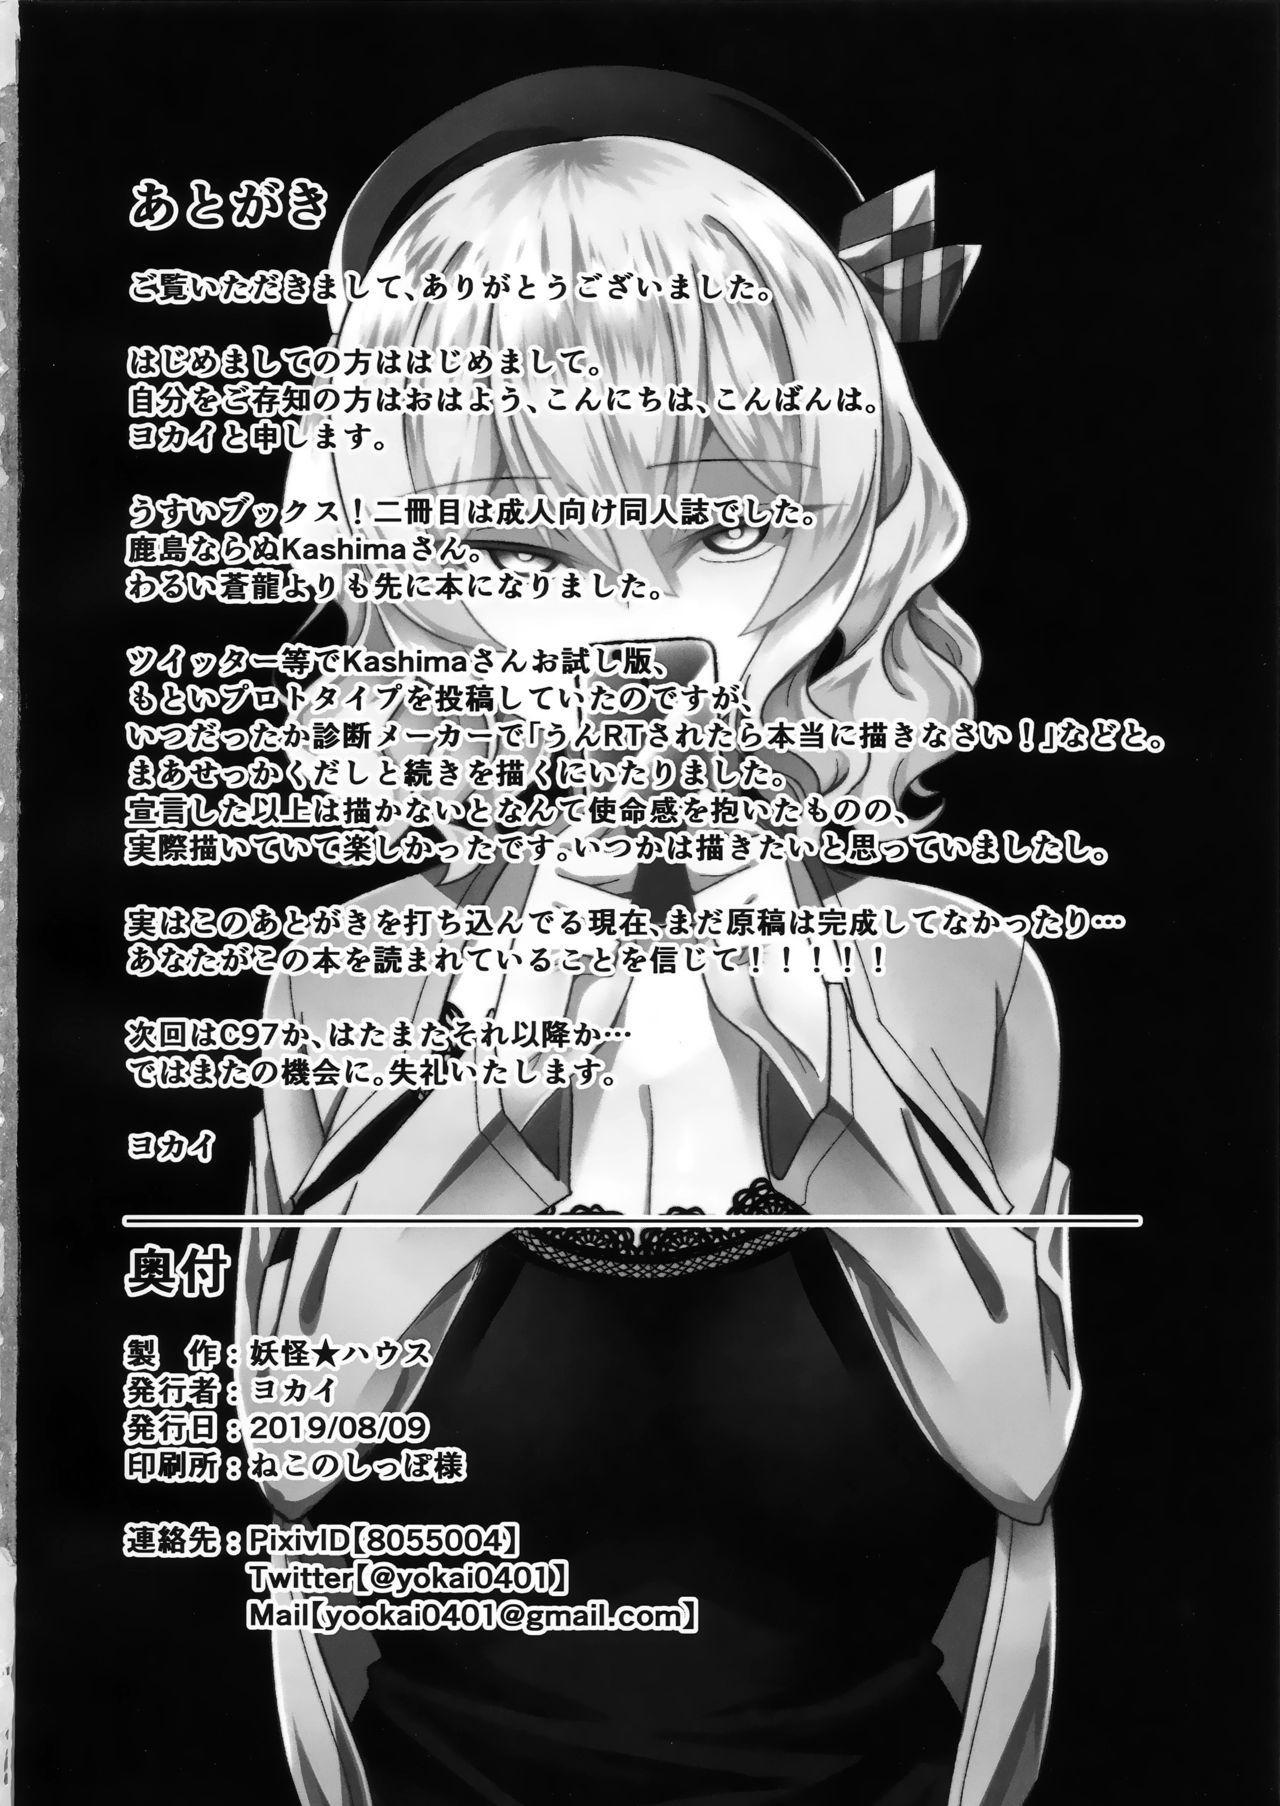 (C96) [Youkai House (Yokai)] Follower de Stalker no Kashima-san ni Off-kai no Ato Gyaku Rape sareru Hon (Kantai Collection -KanColle-) [English] 18